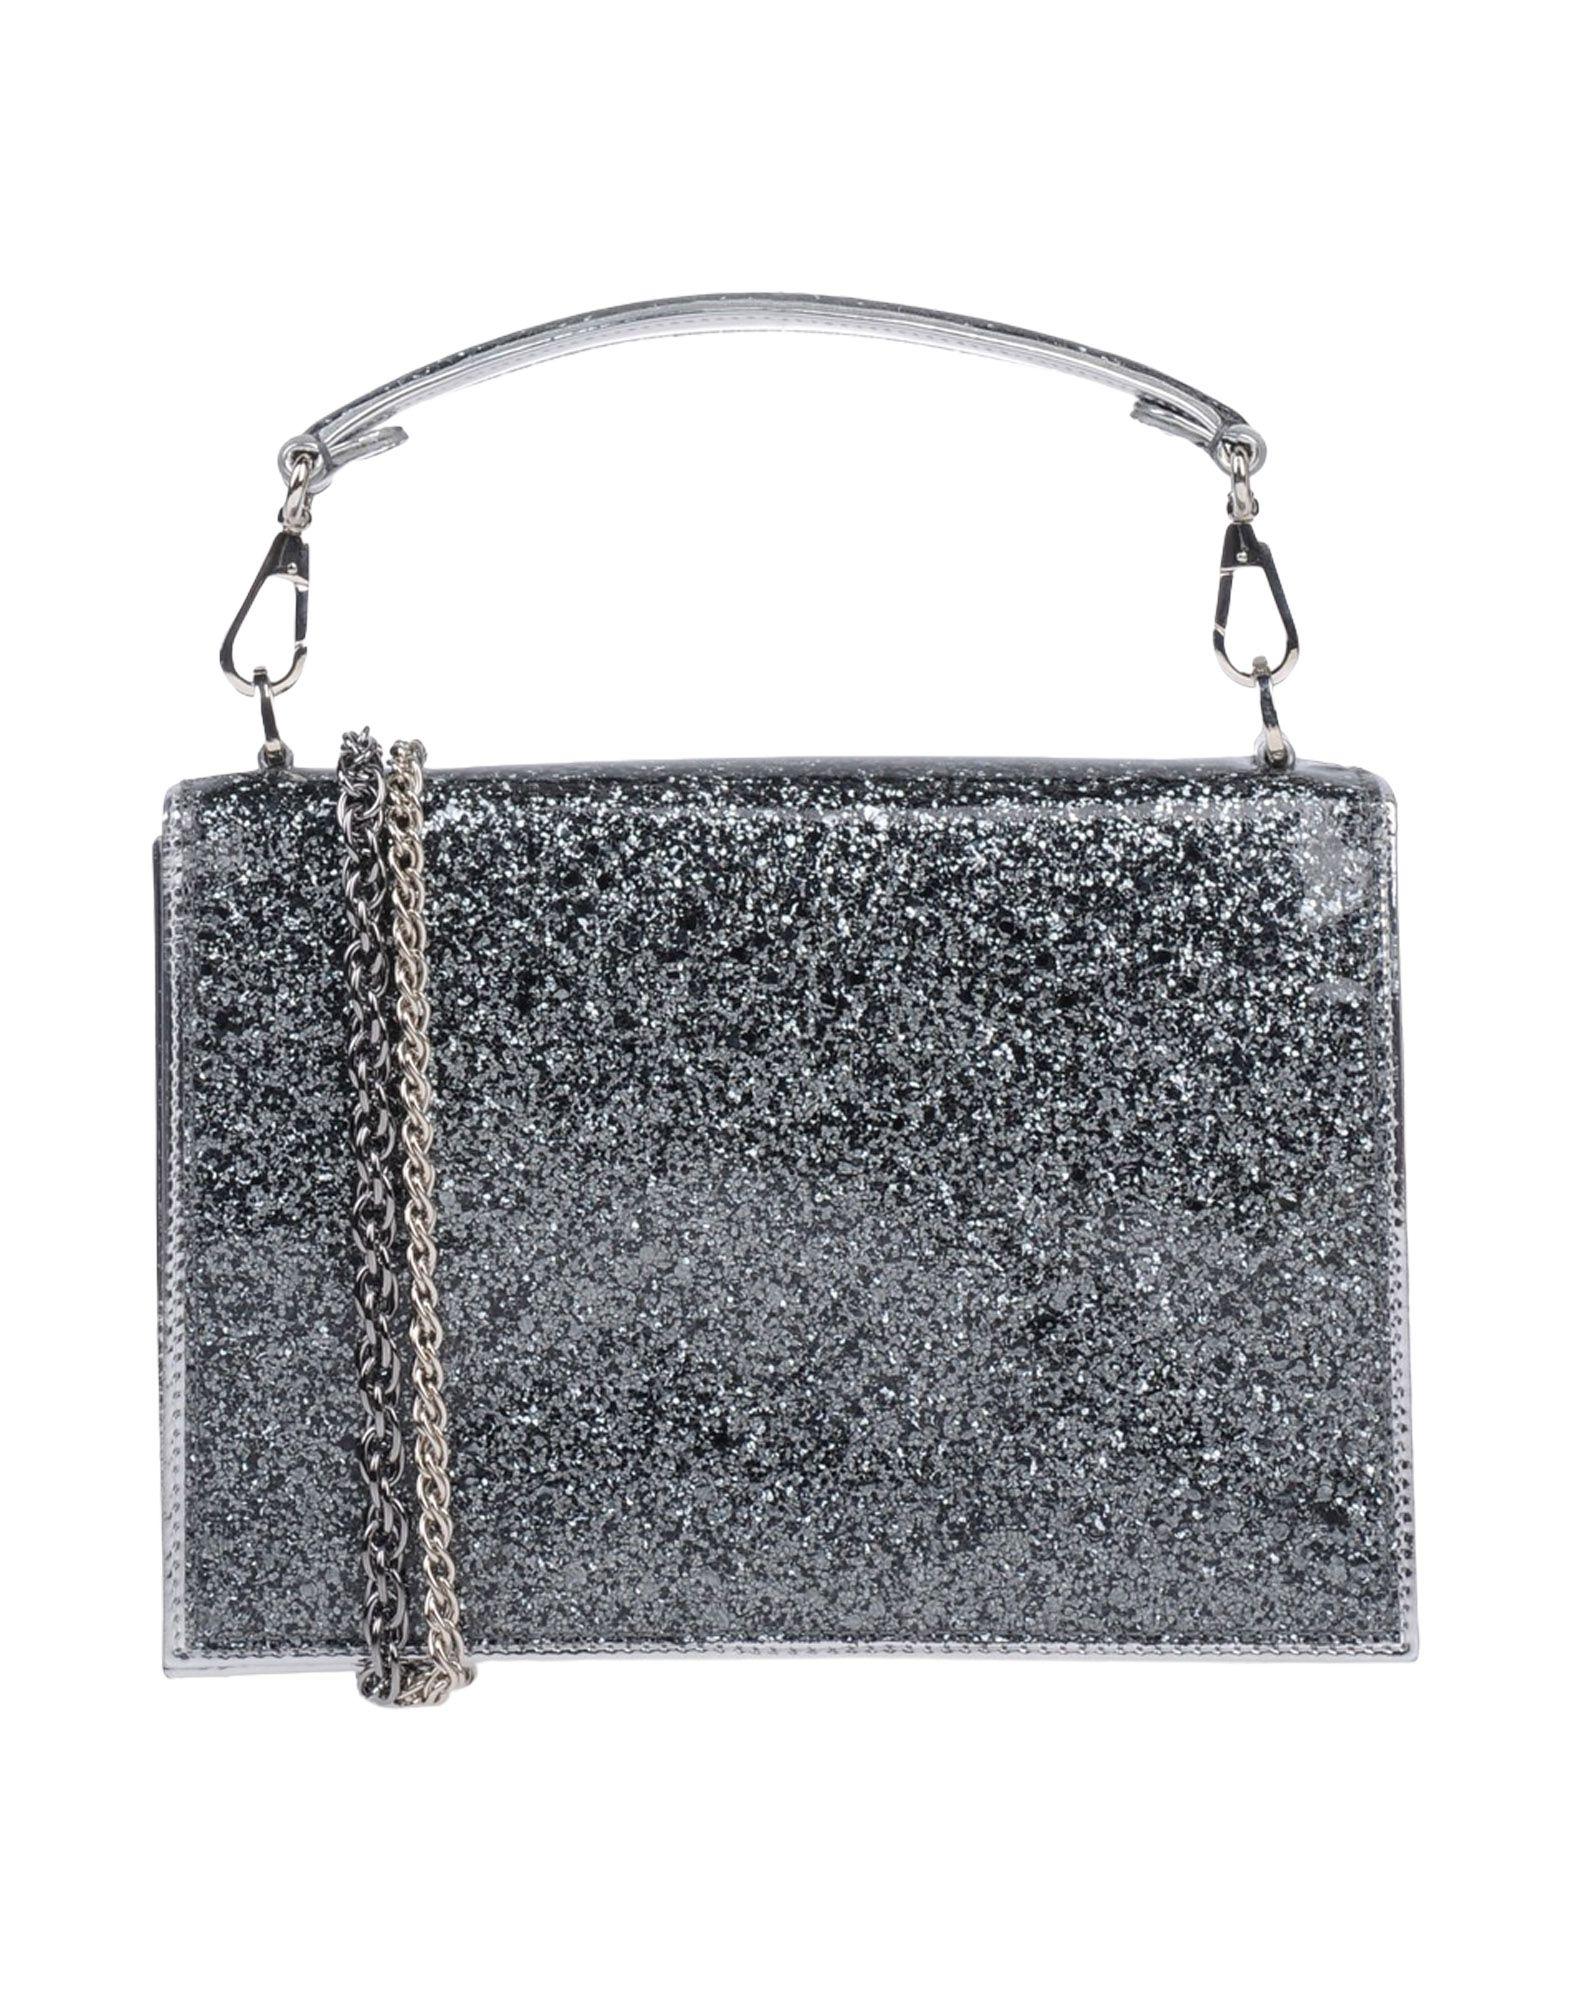 Brian Dales HANDBAGS - Handbags su YOOX.COM JQZsz